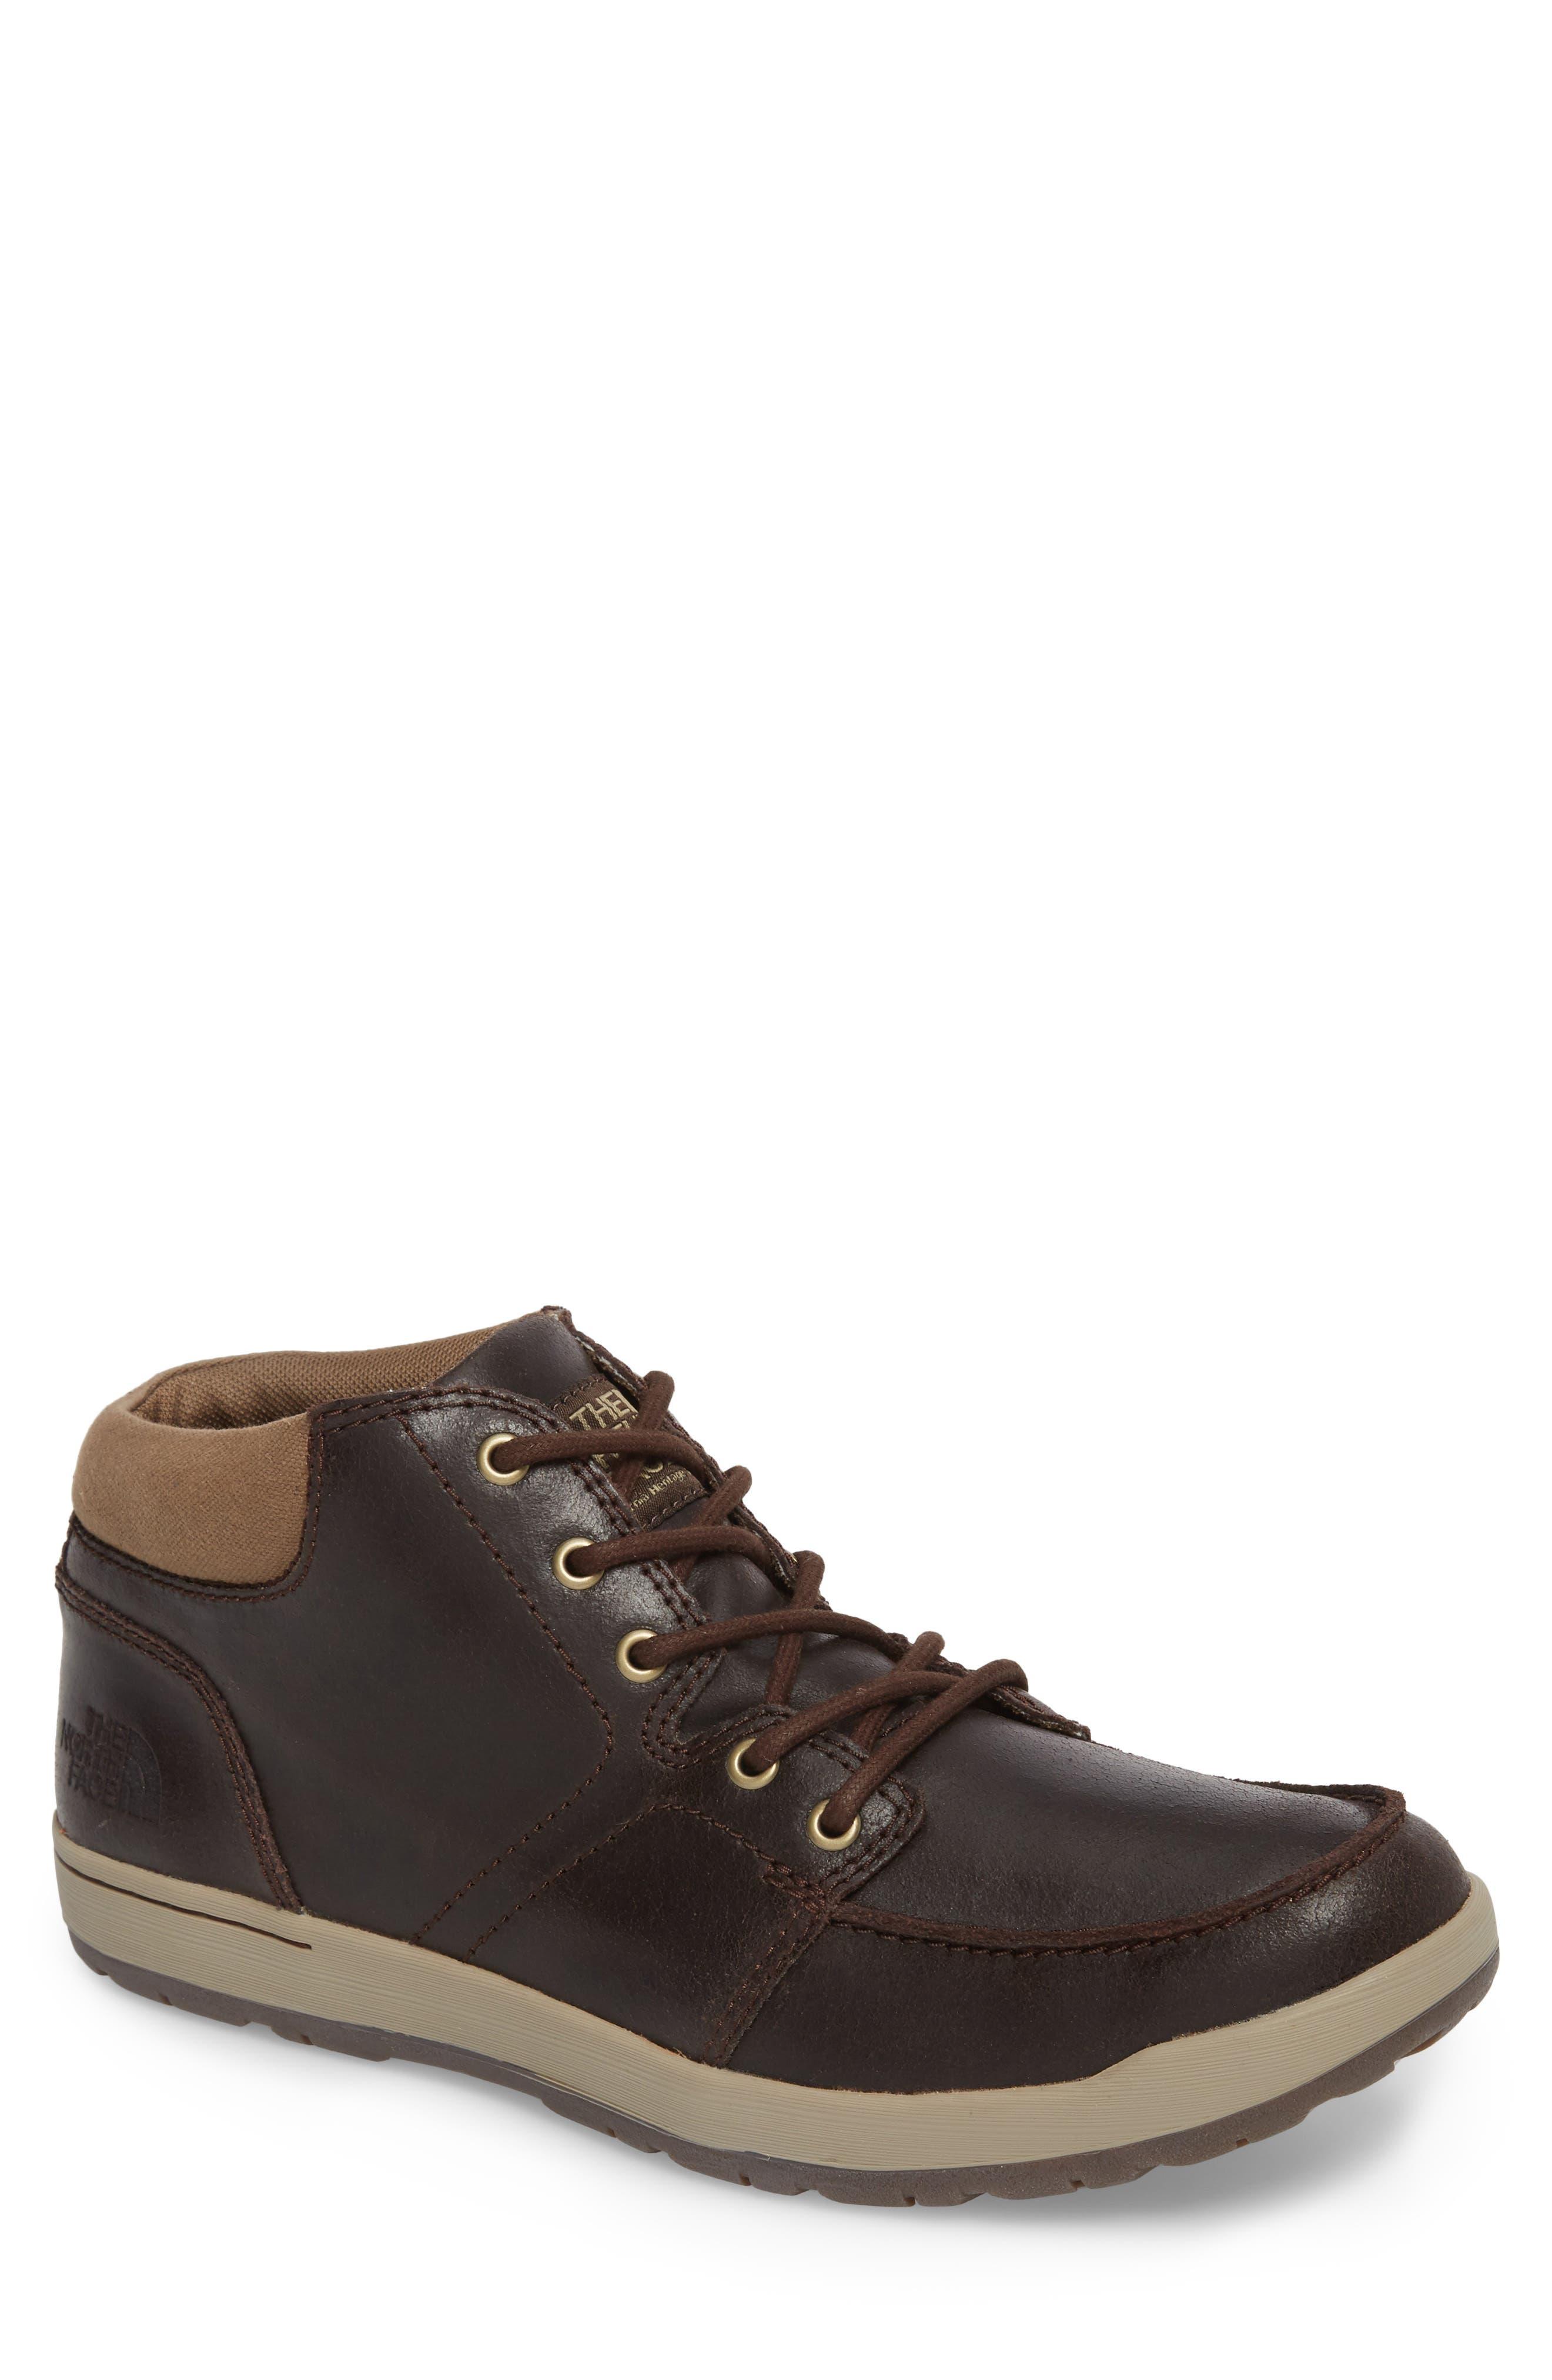 Ballard Evo Moc Toe Boot,                         Main,                         color, 210